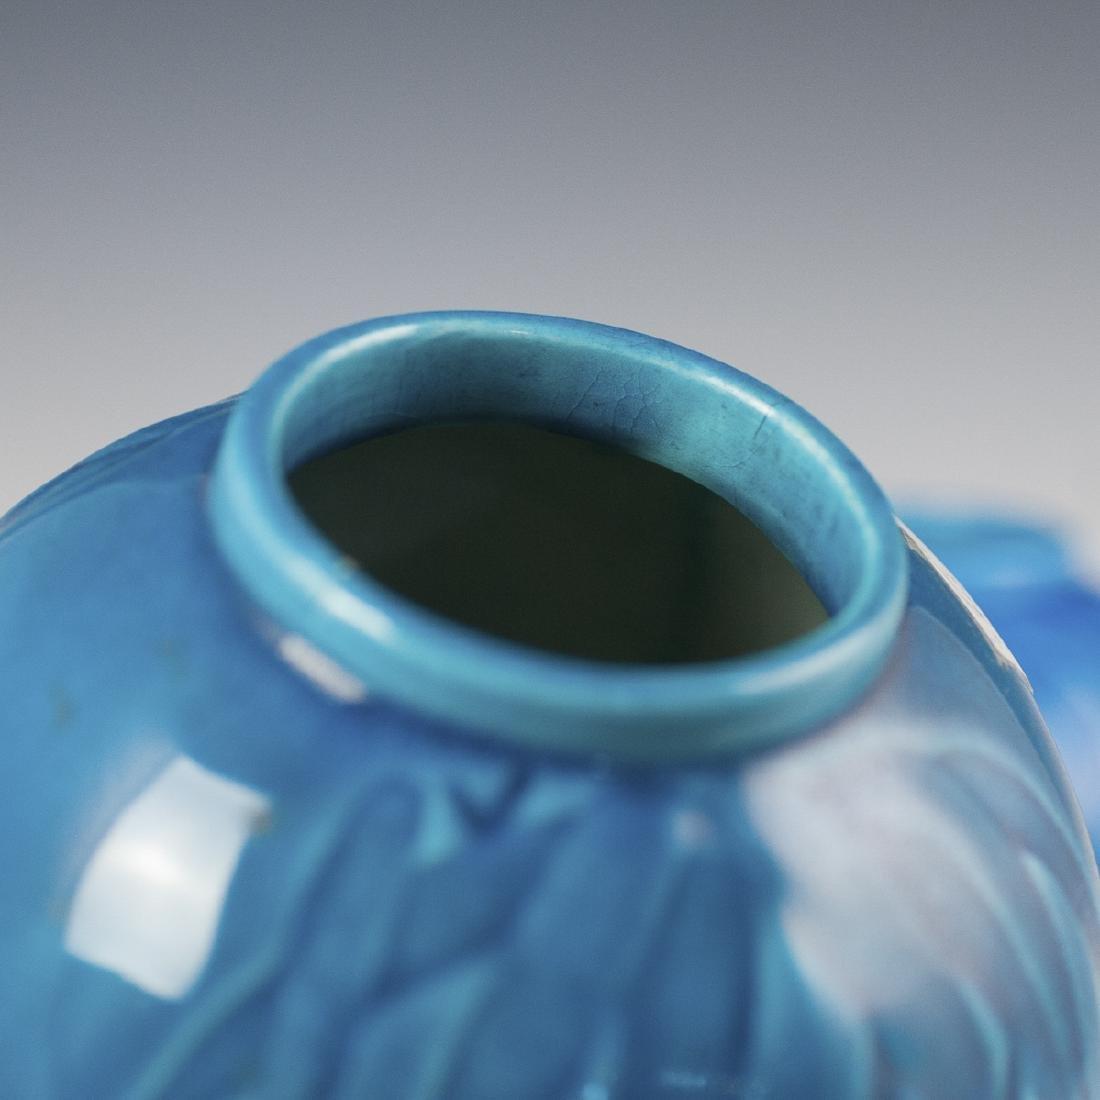 Chinese Turquoise Glazed Porcelain Vases - 4